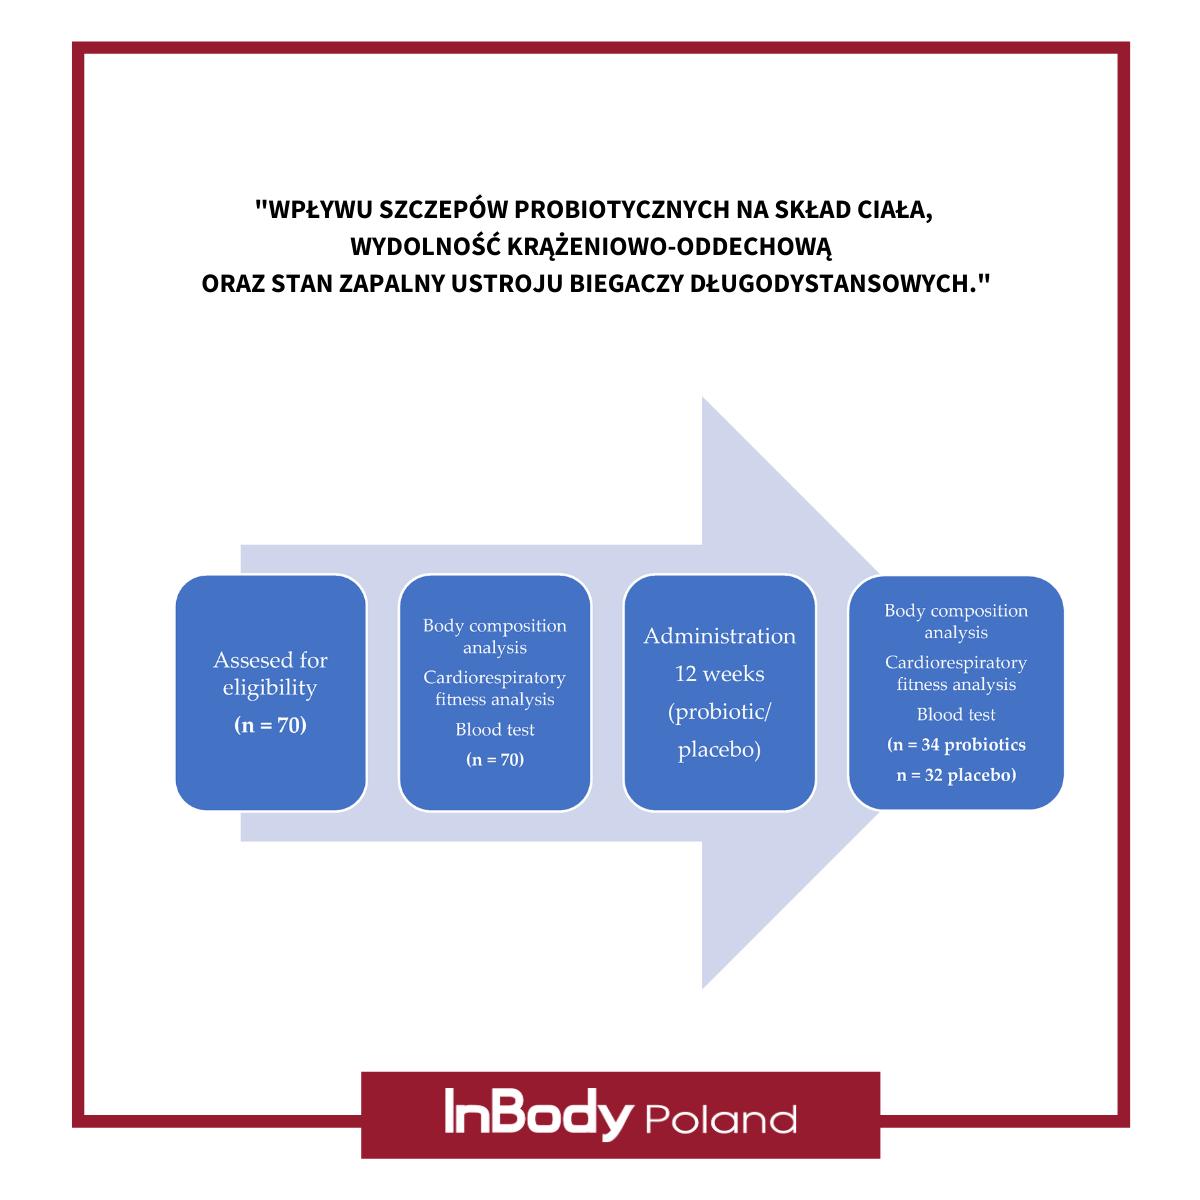 Nutrients: Wpływu szczepów probiotycznych na skład ciała